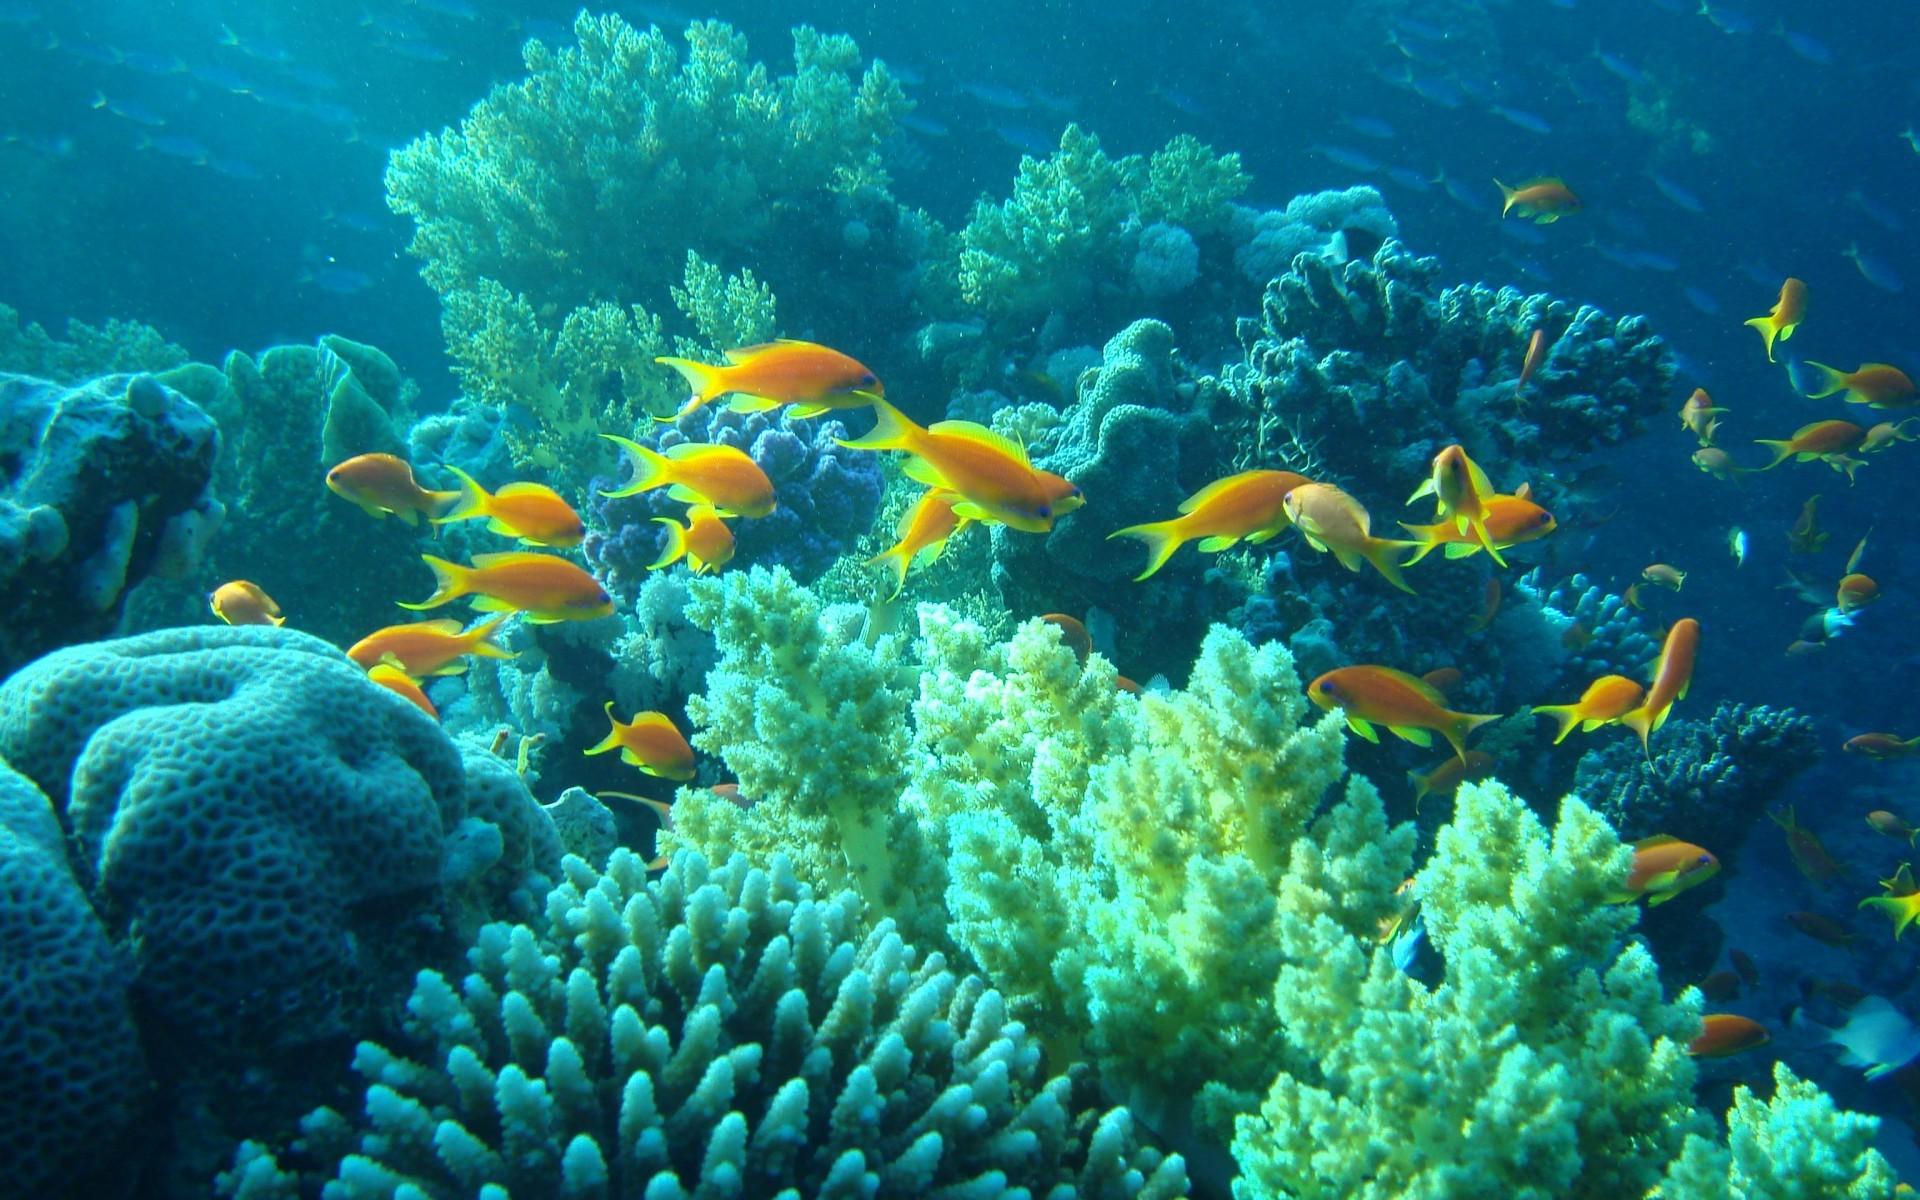 HD Yellow fish in the sea Wallpaper